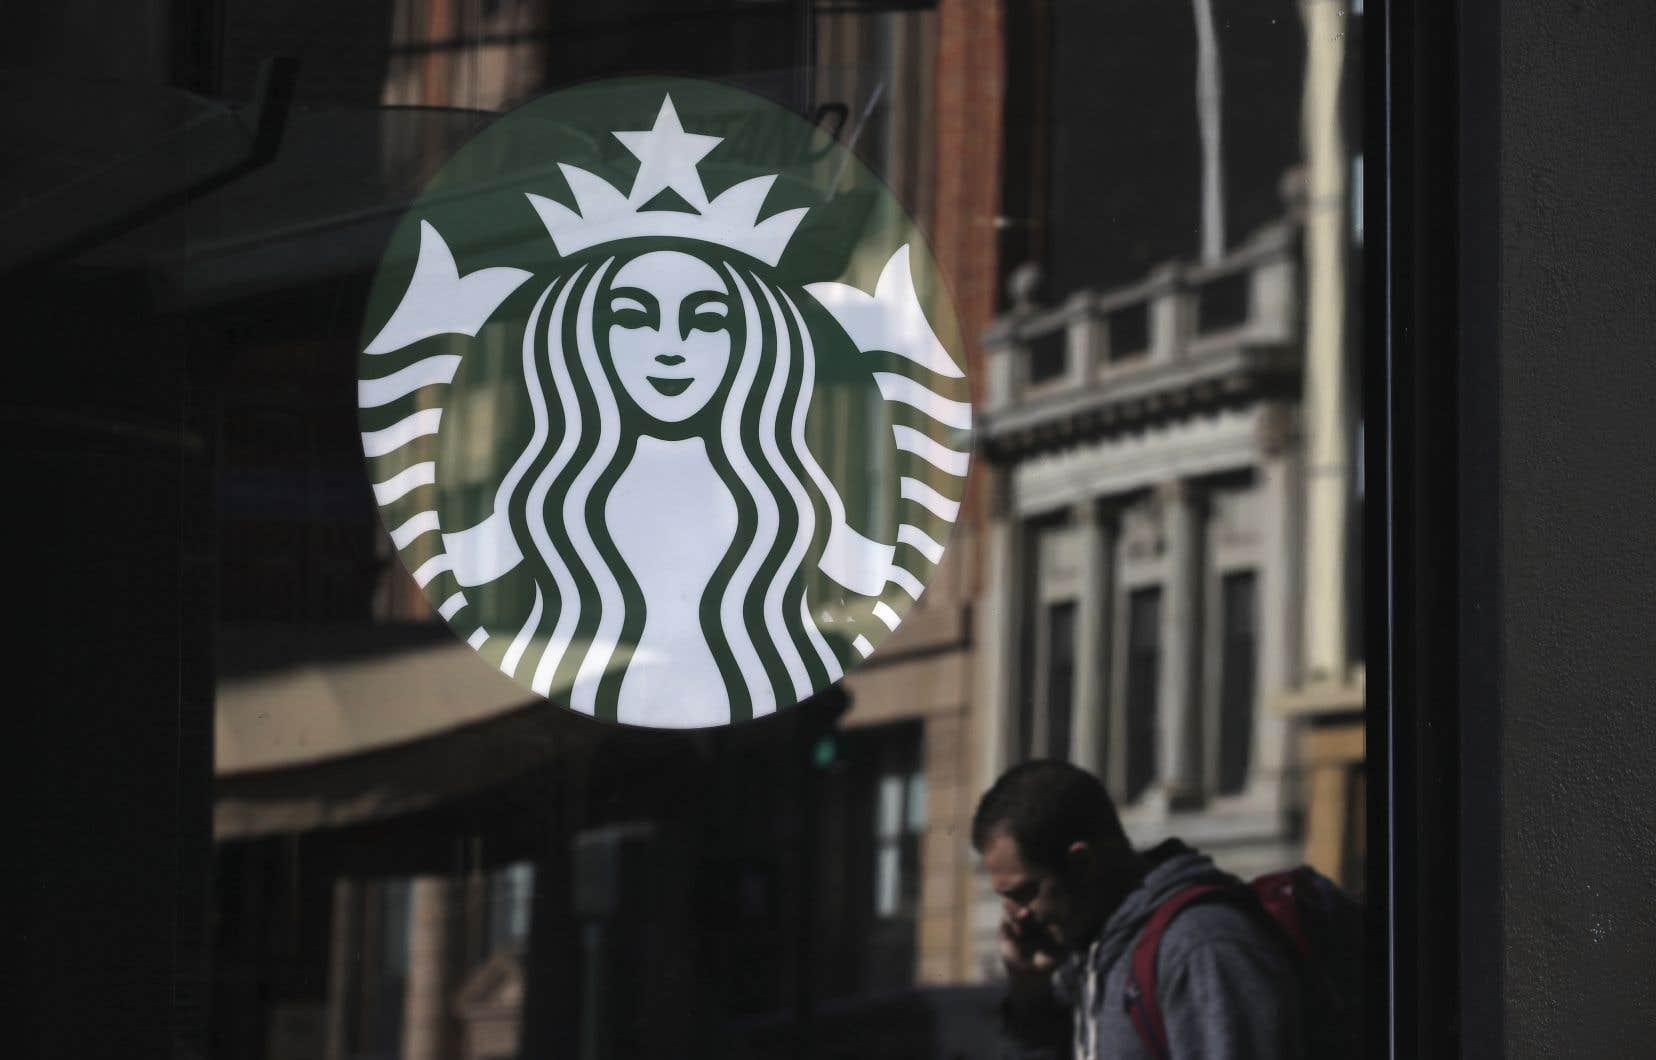 La chaîne américaine de cafés et le constructeur automobile italien avaient été sommés par la Commission européenne de verser jusqu'à 30millions d'euros d'arriérés d'impôts chacun.